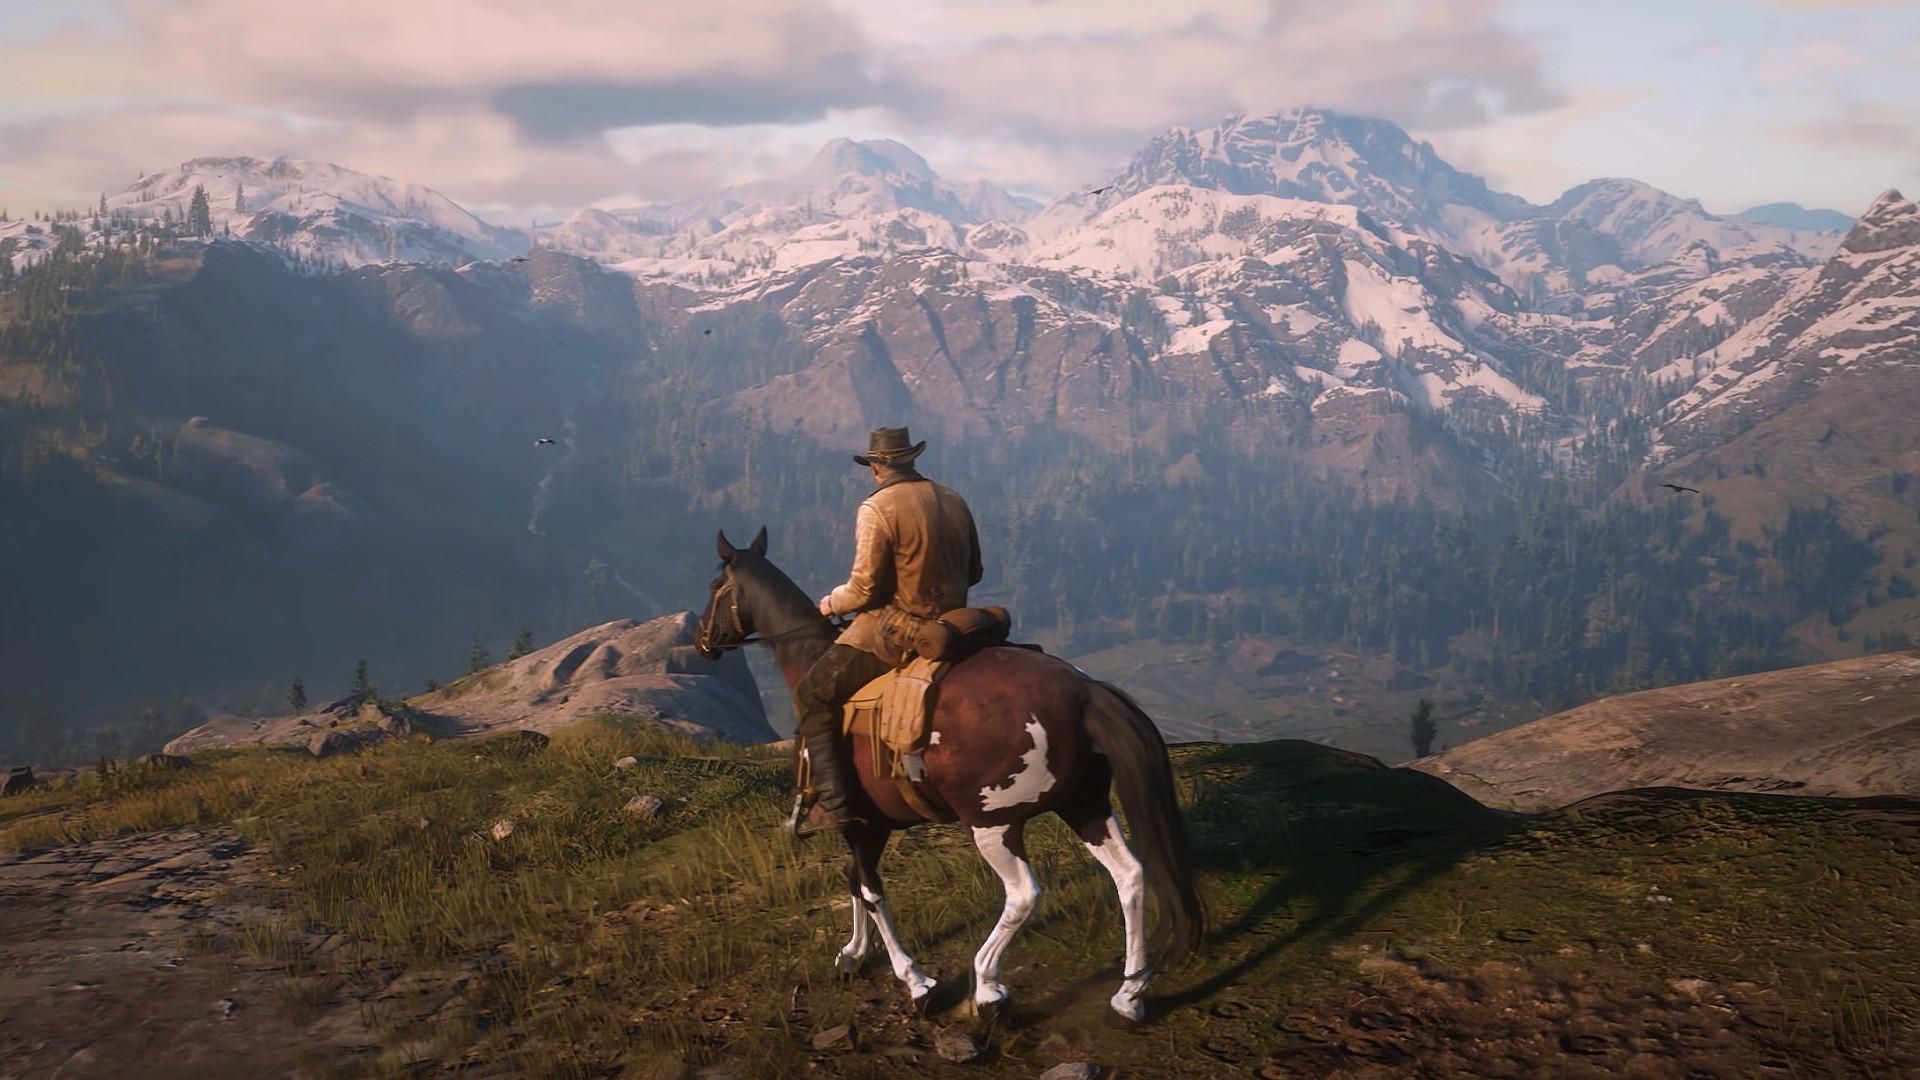 È anche per colpi d'occhio del genere che vuoi spostarti sempre a cavallo.